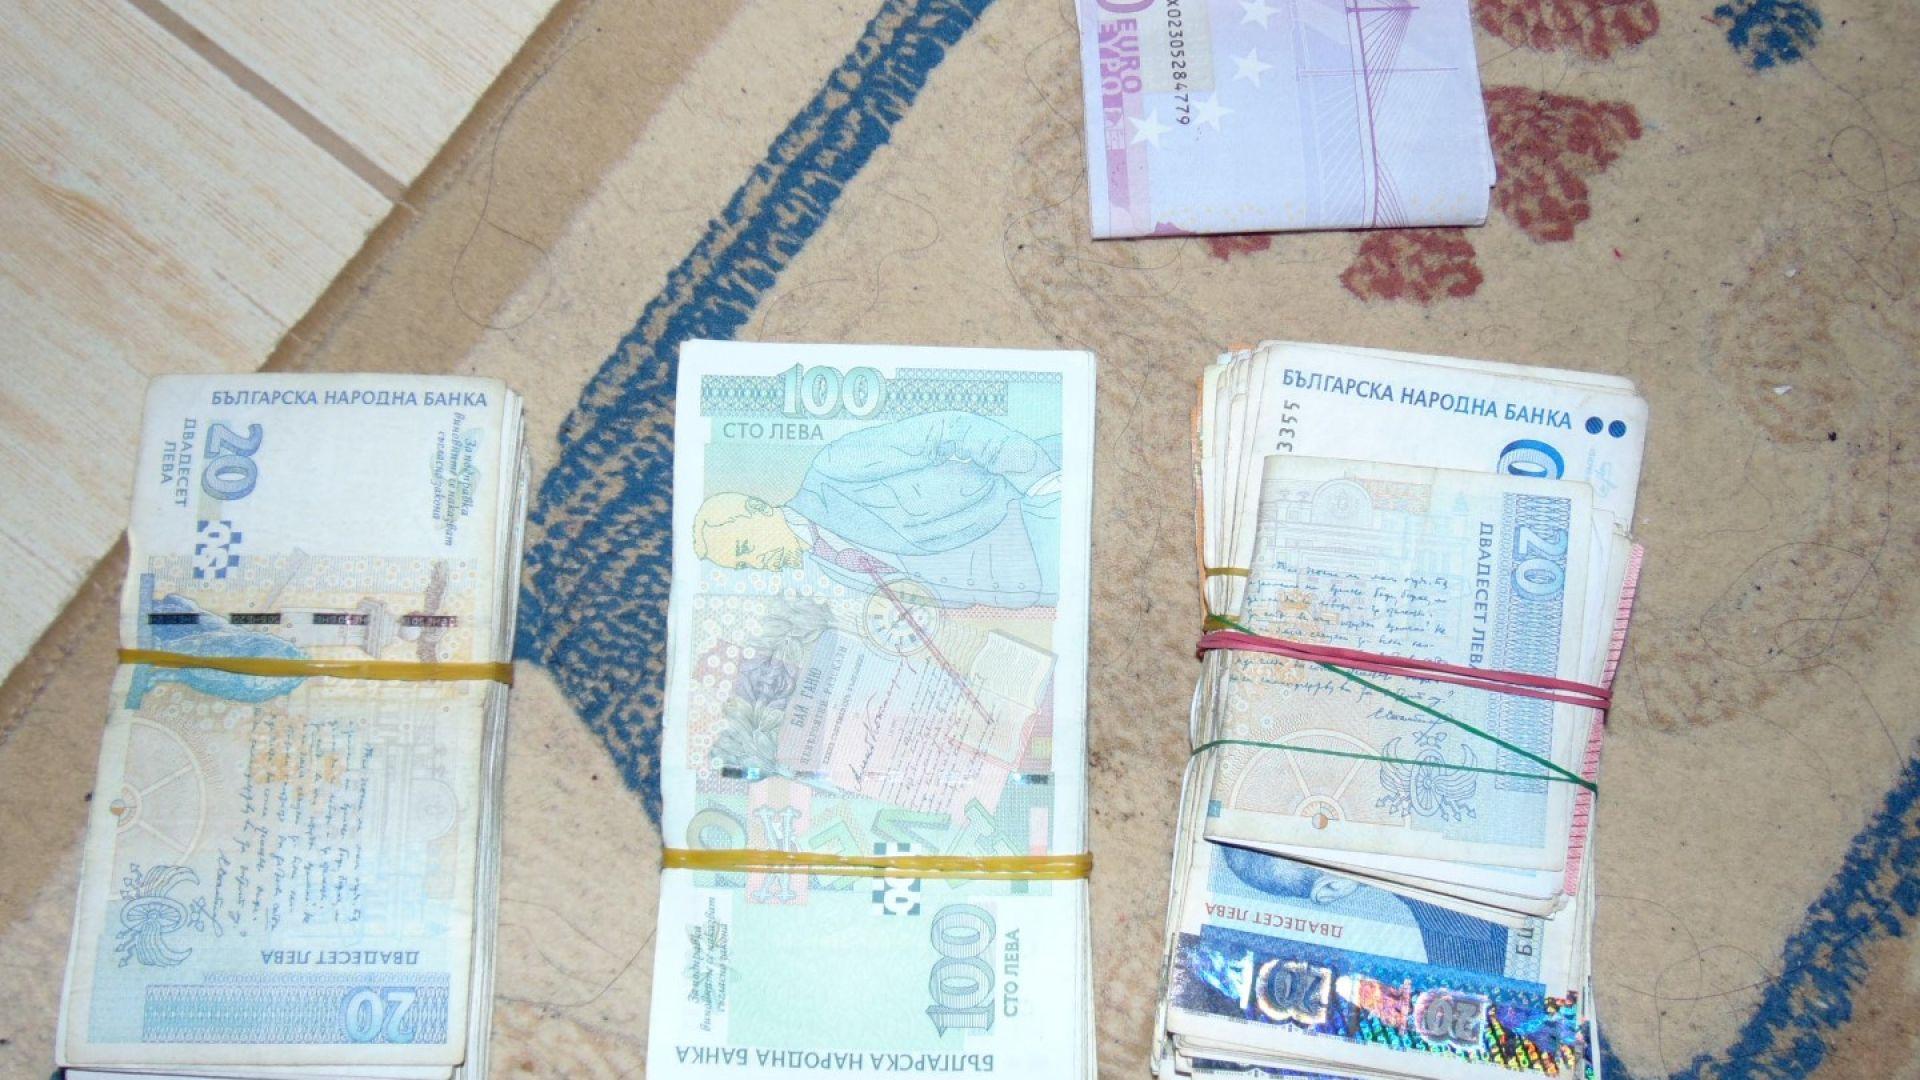 Телефонни измамници върнаха парите на 9 възрастни жени от Сливен